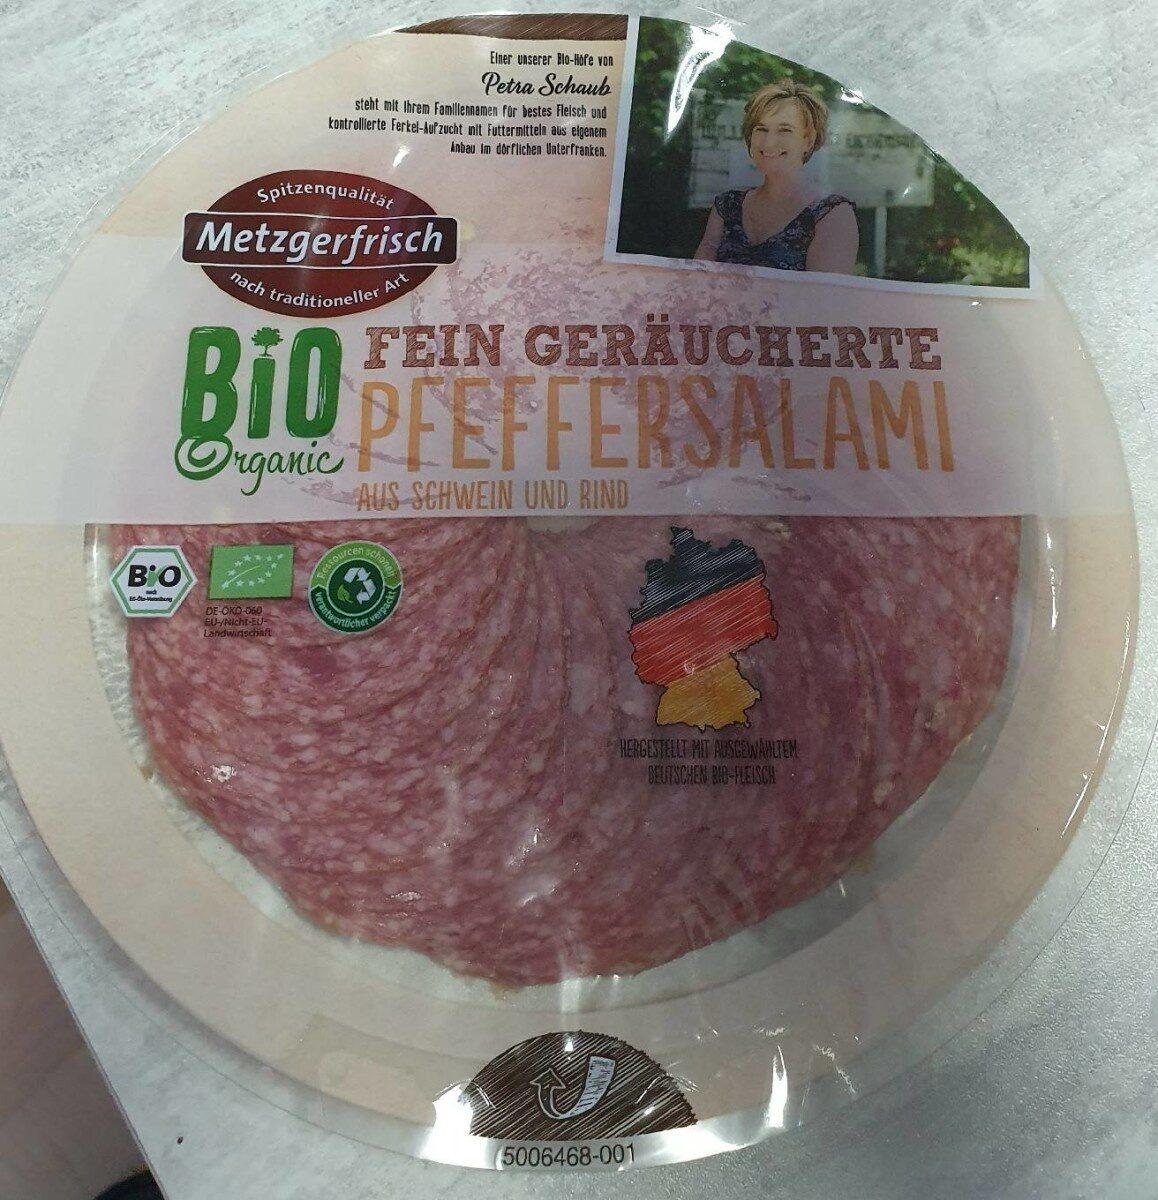 Fein Geräucherte Pfeffersalami - Produkt - de